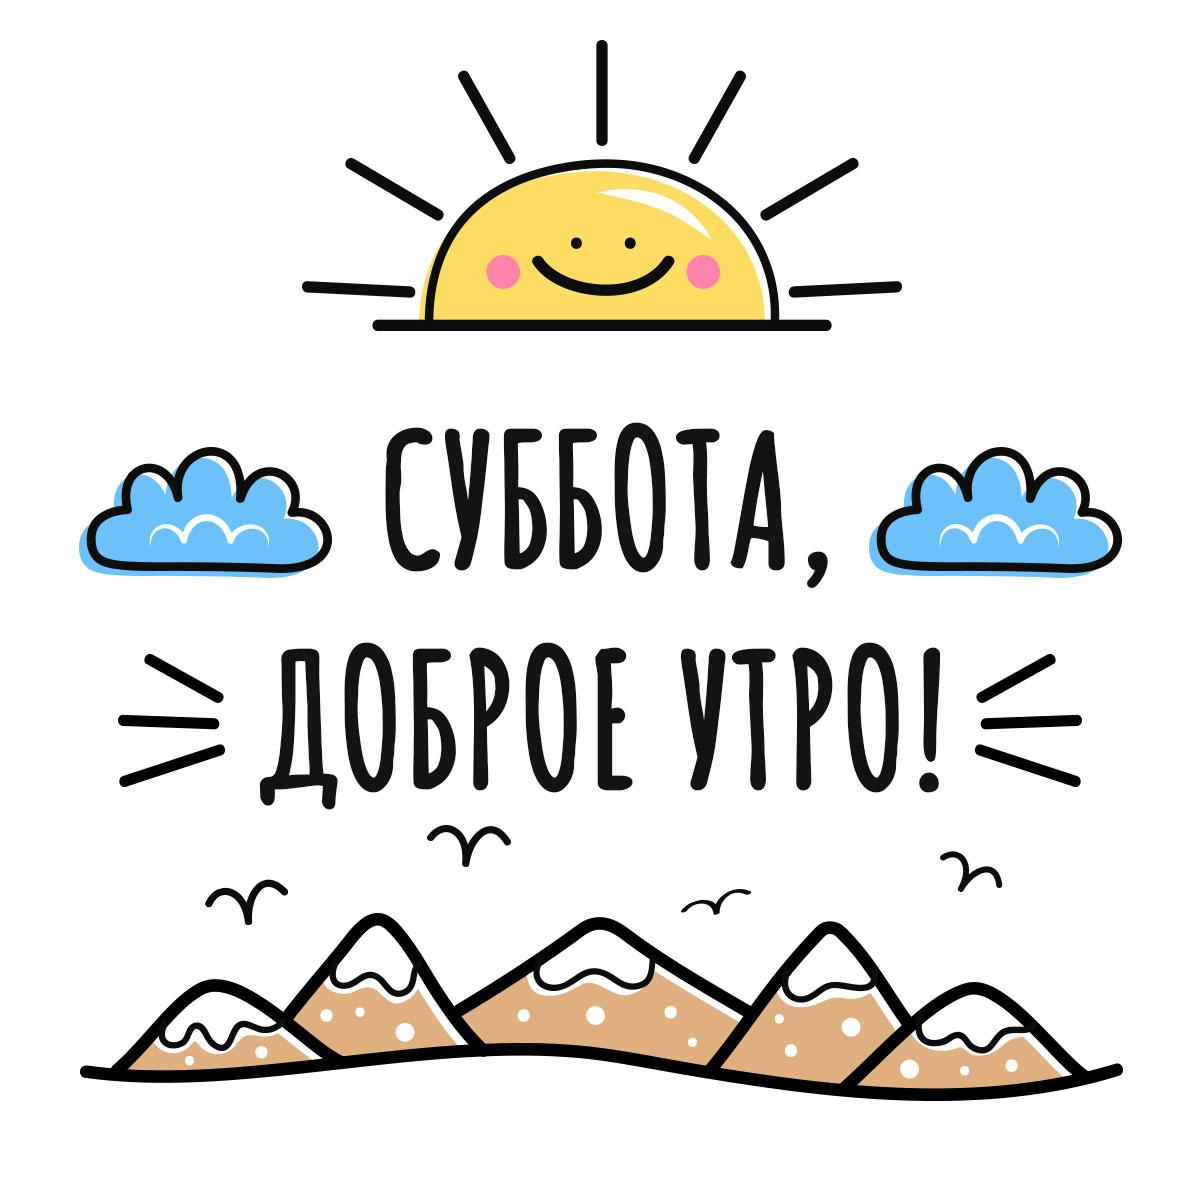 Картинка с текстом суббота доброе утро: смайлик - солнце на белом фоне с голубыми облаками и коричневыми горами.